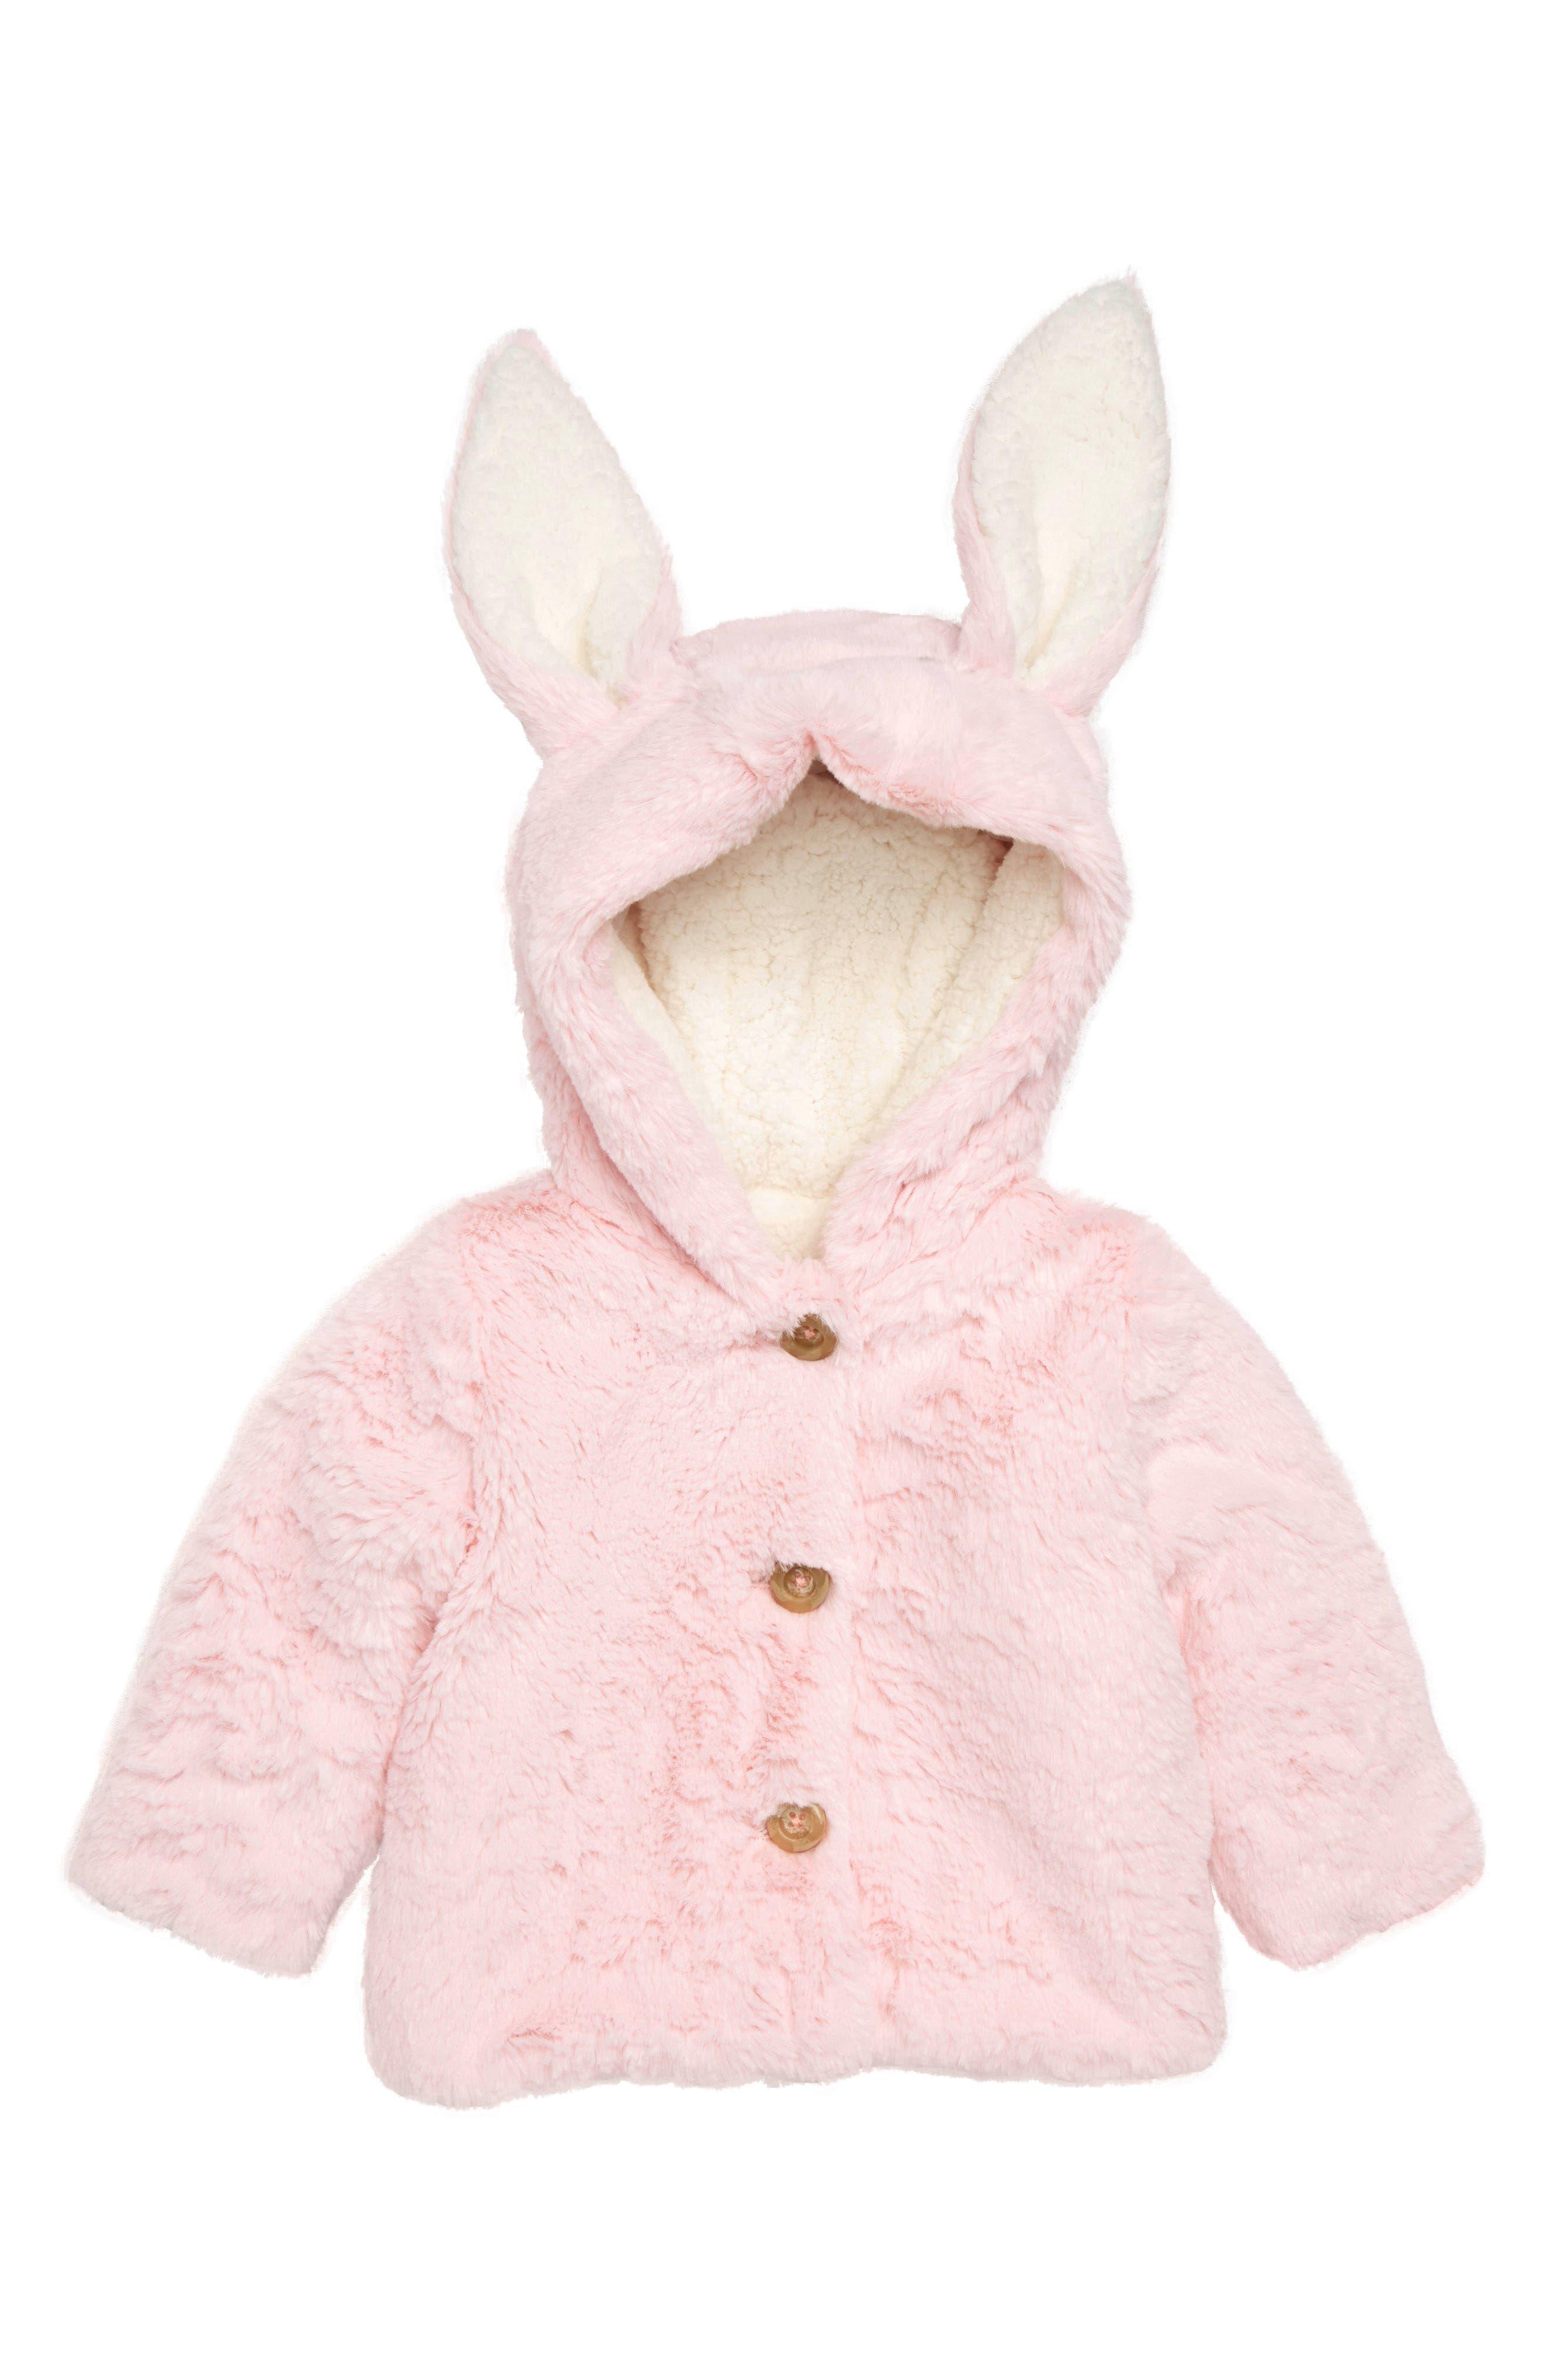 Fluffy Bunny Jacket,                             Main thumbnail 1, color,                             PINK BABY